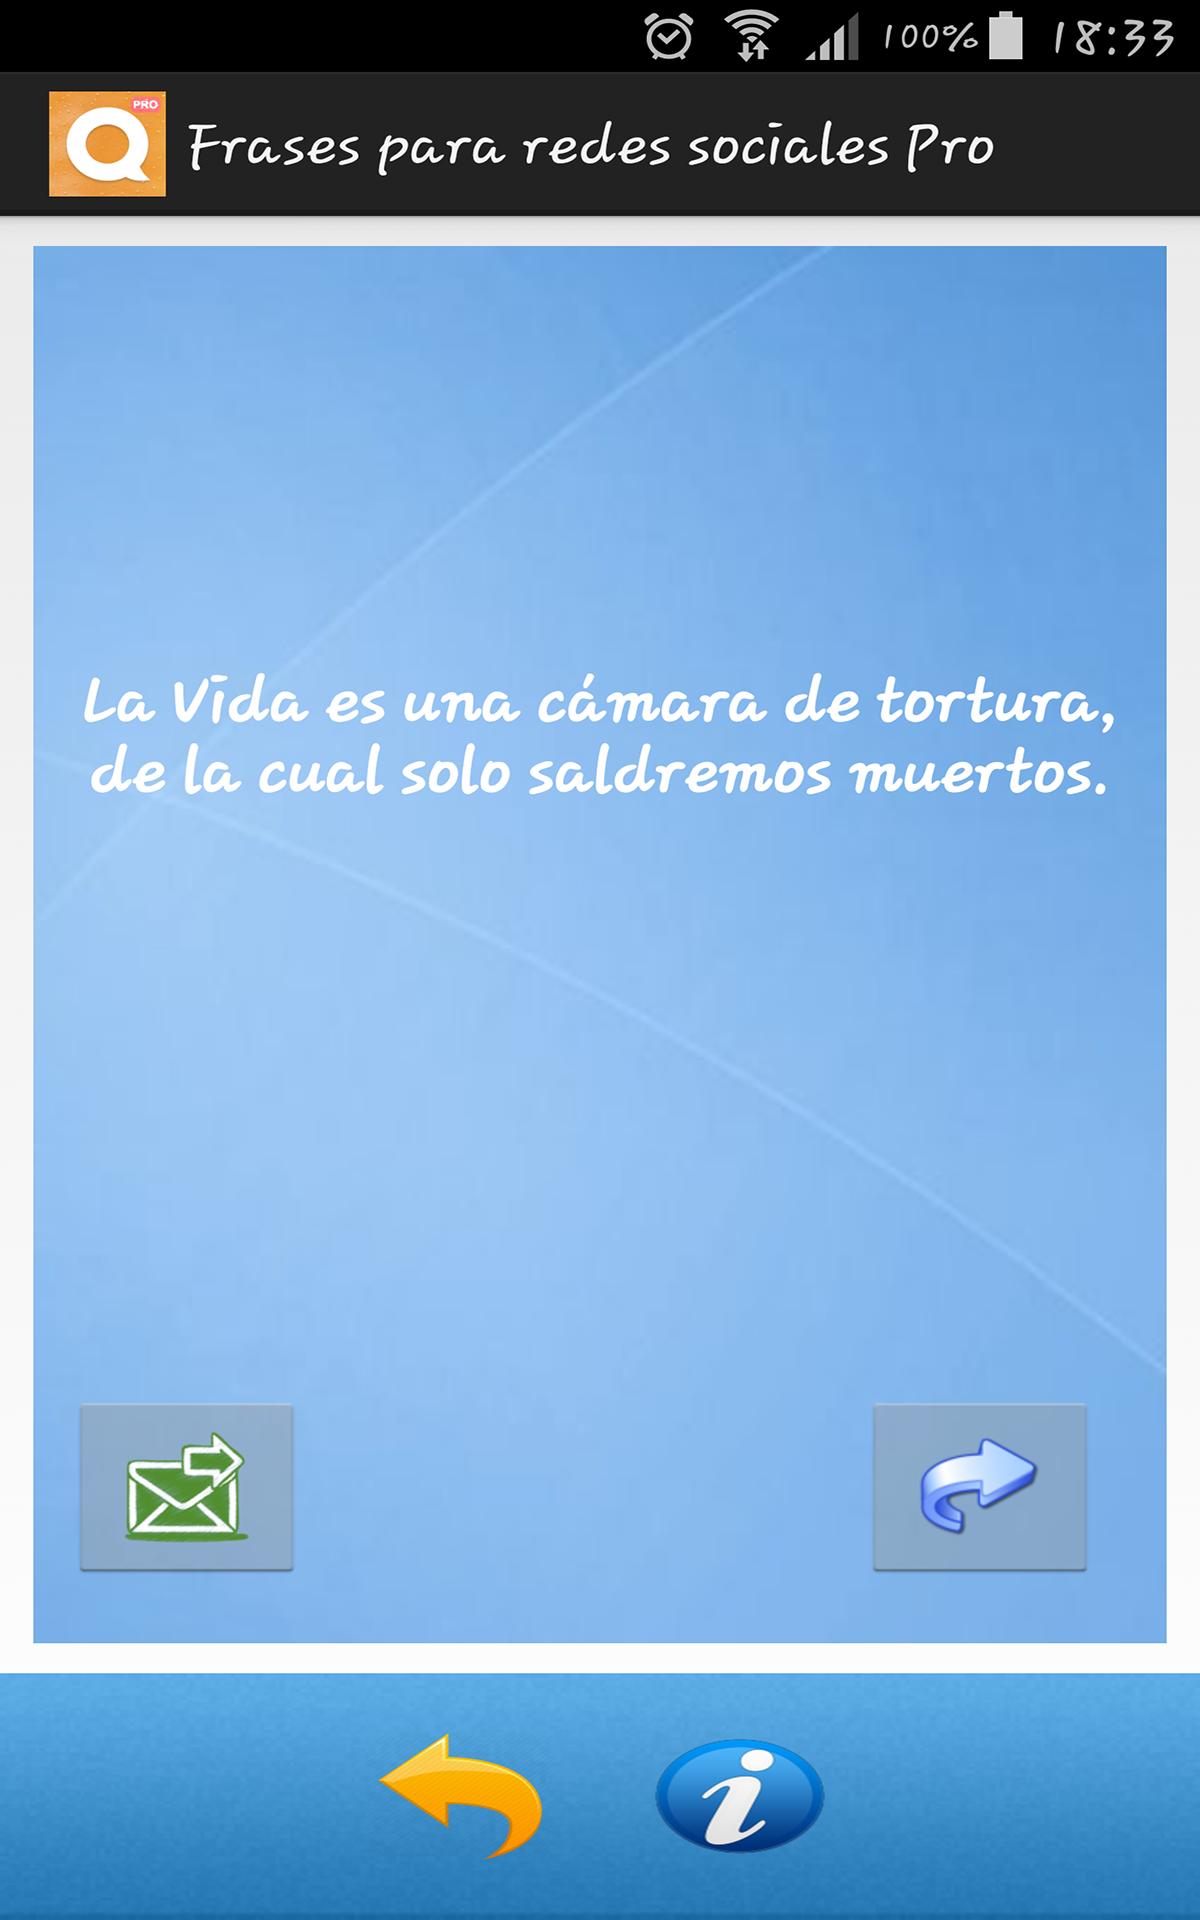 Frases Para Redes Sociales Gratis Amazones Appstore Para